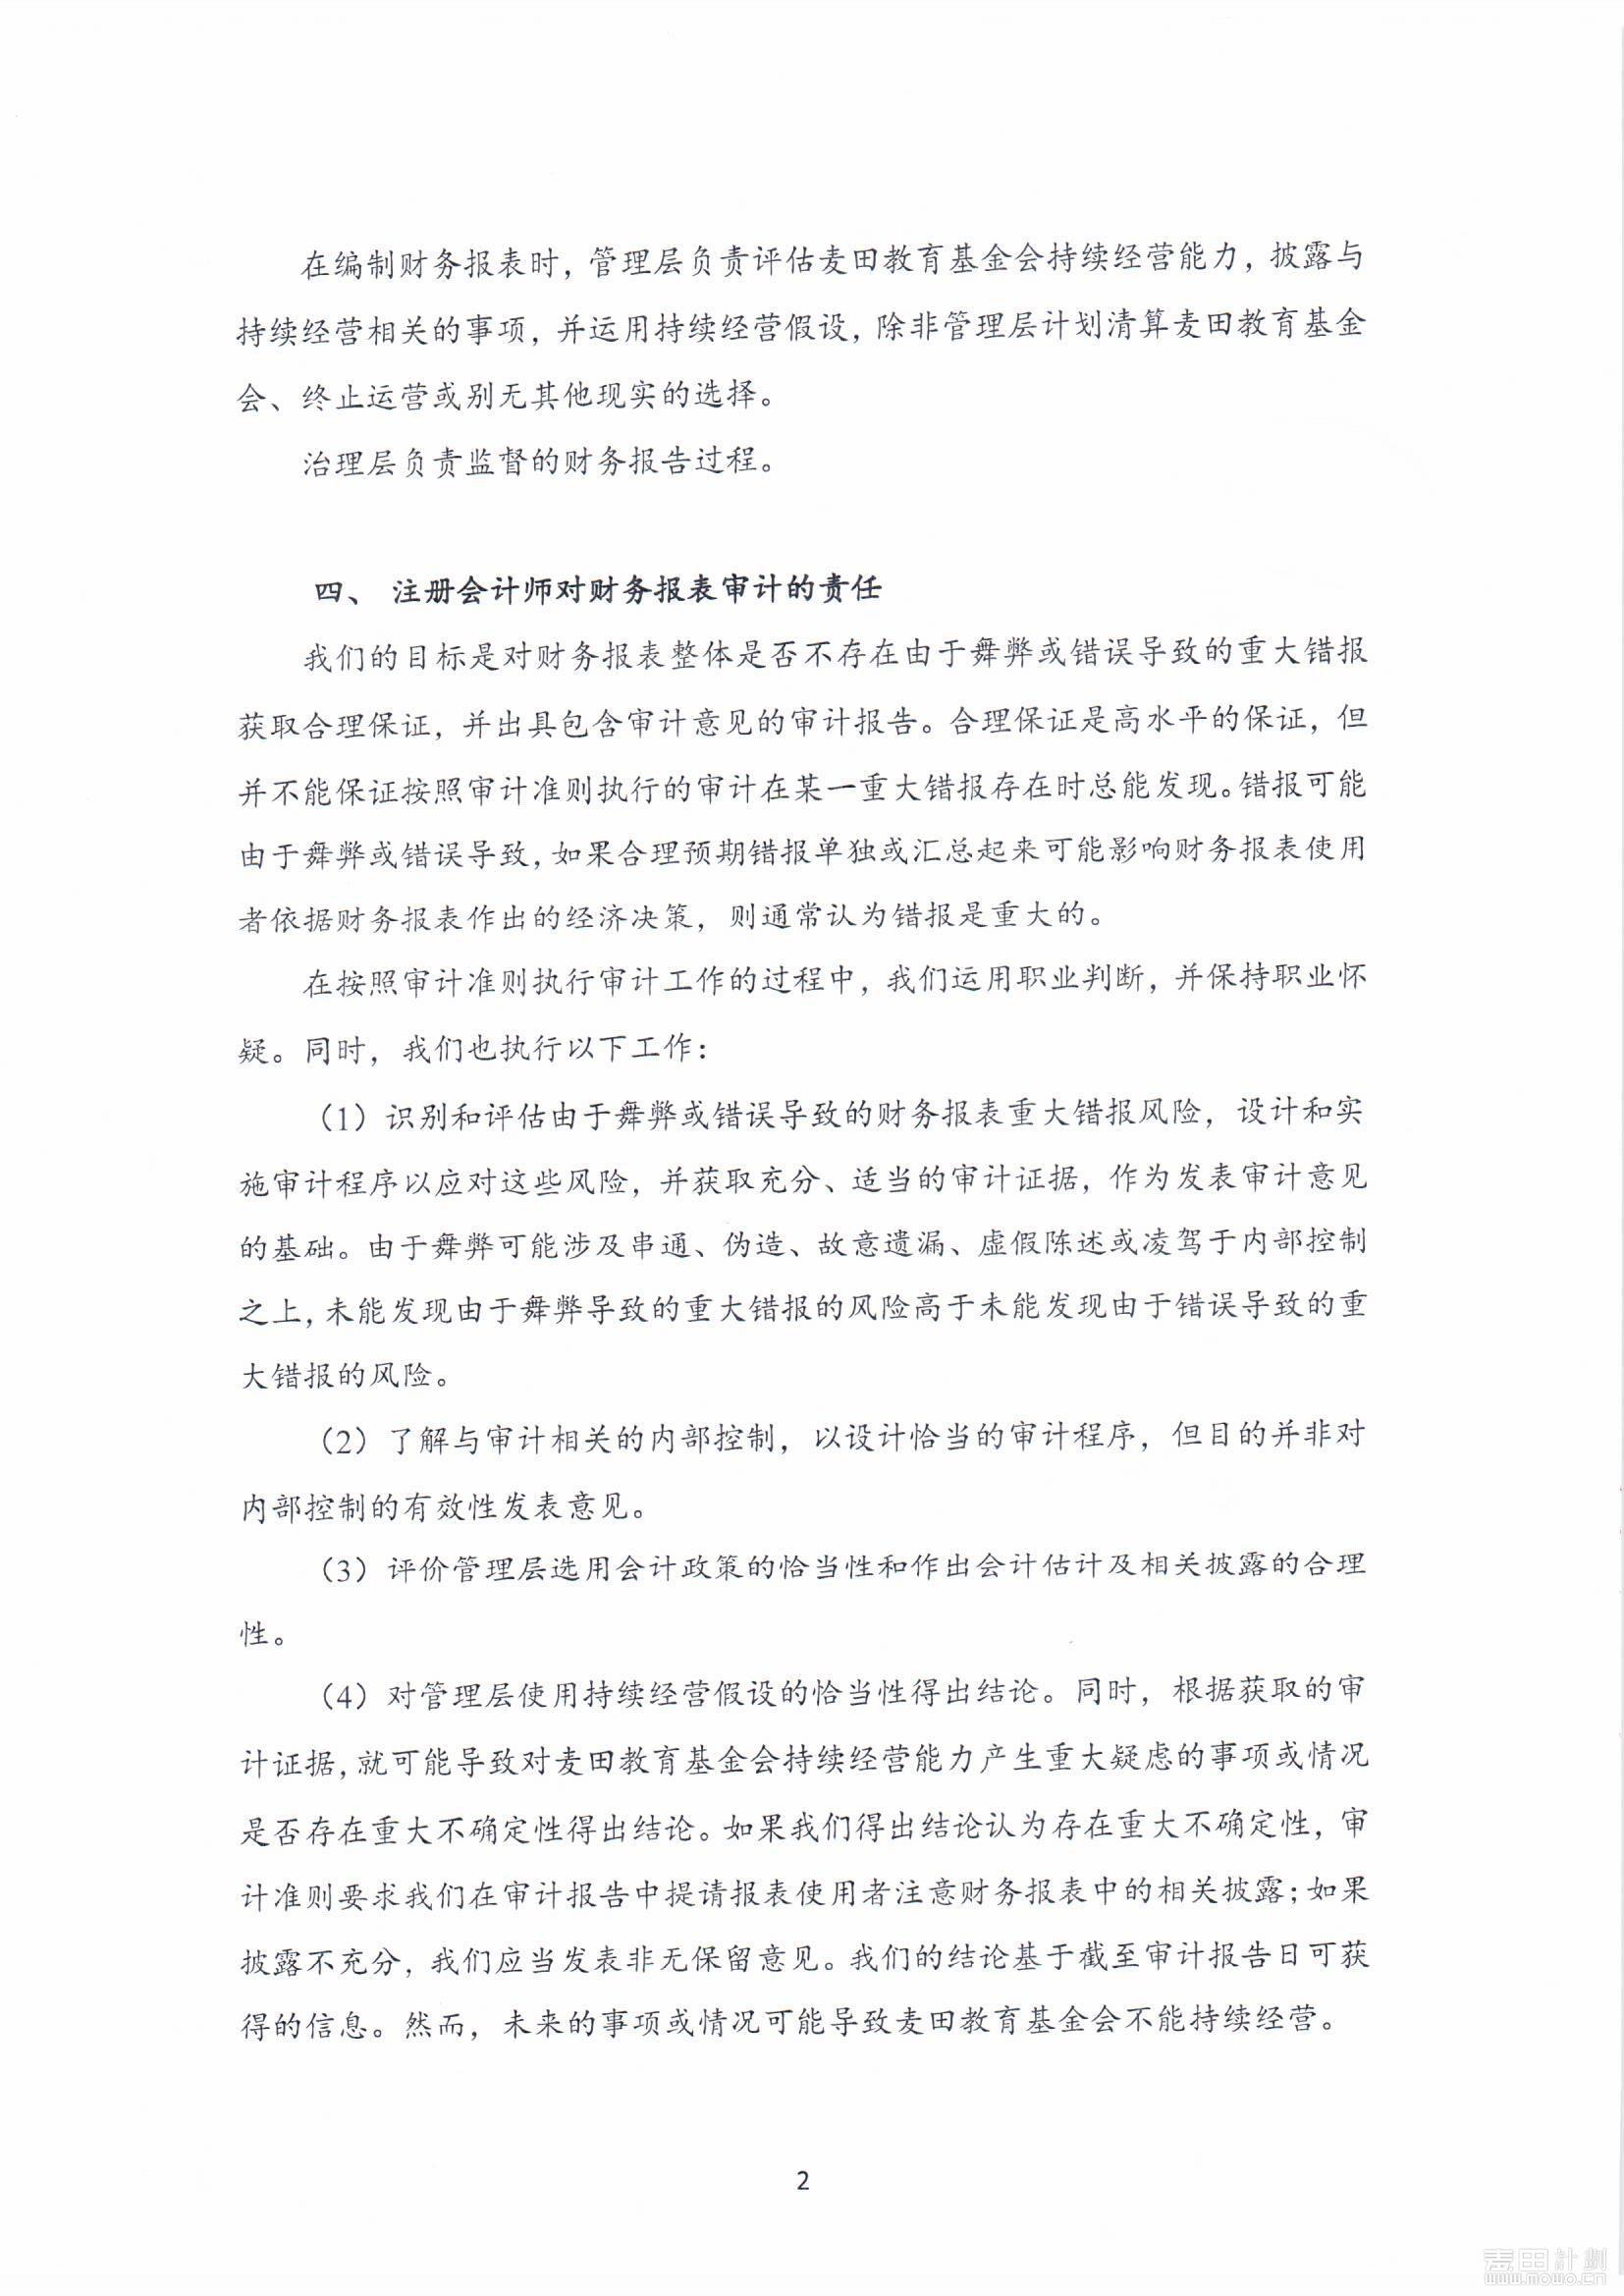 麦田教育基金会2019年度审计报告_页面_04.jpg